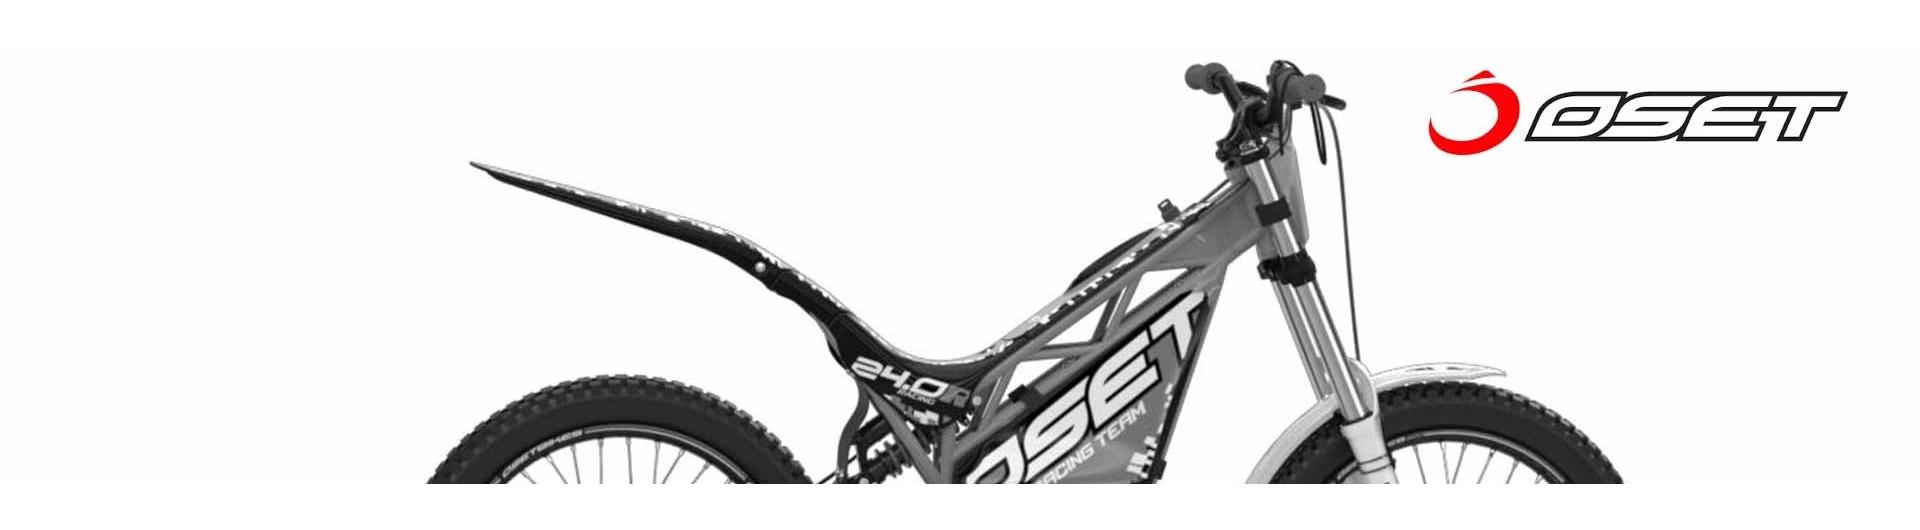 Oset Bikes eléctricas de trial | Trialworld Store - Tienda de Trial